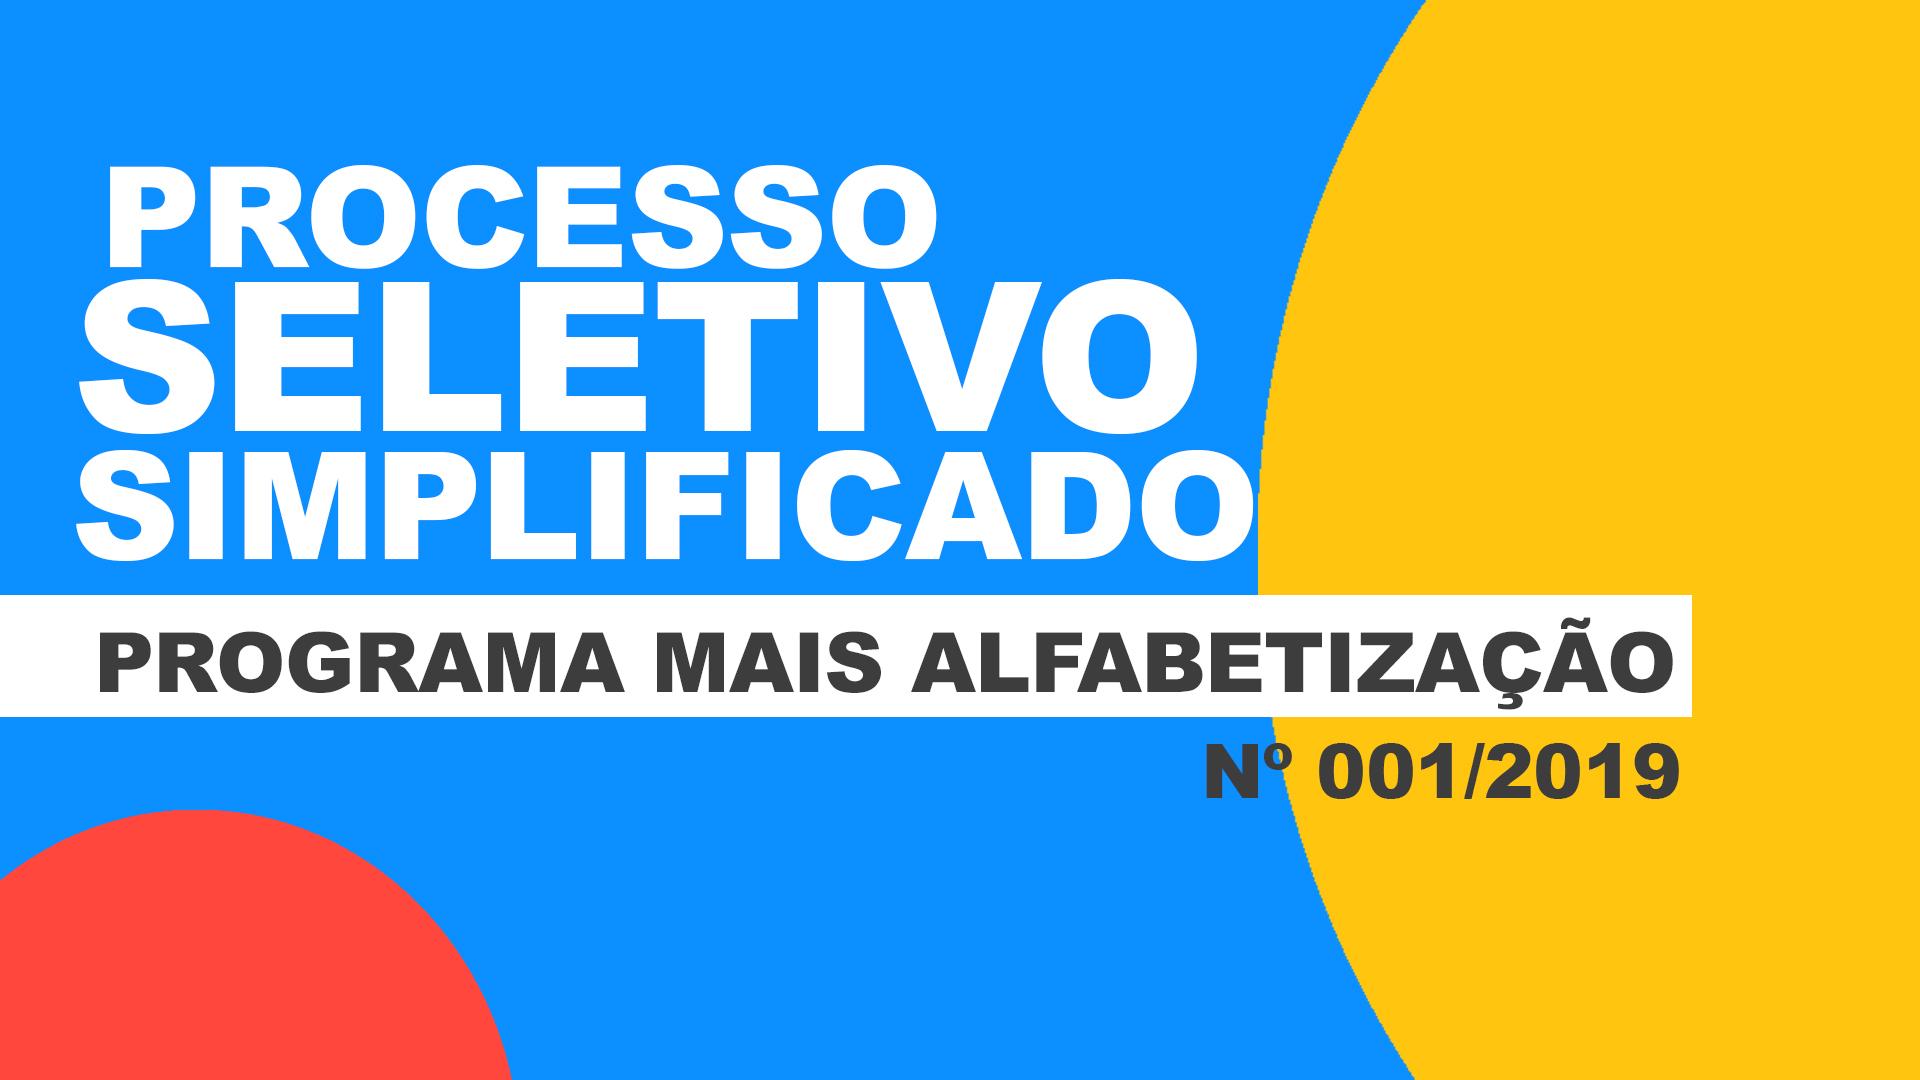 PROCESSO SELETIVO SIMPLIFICADO – PROGRAMA MAIS ALFABETIZAÇÃO Nº 001/2019